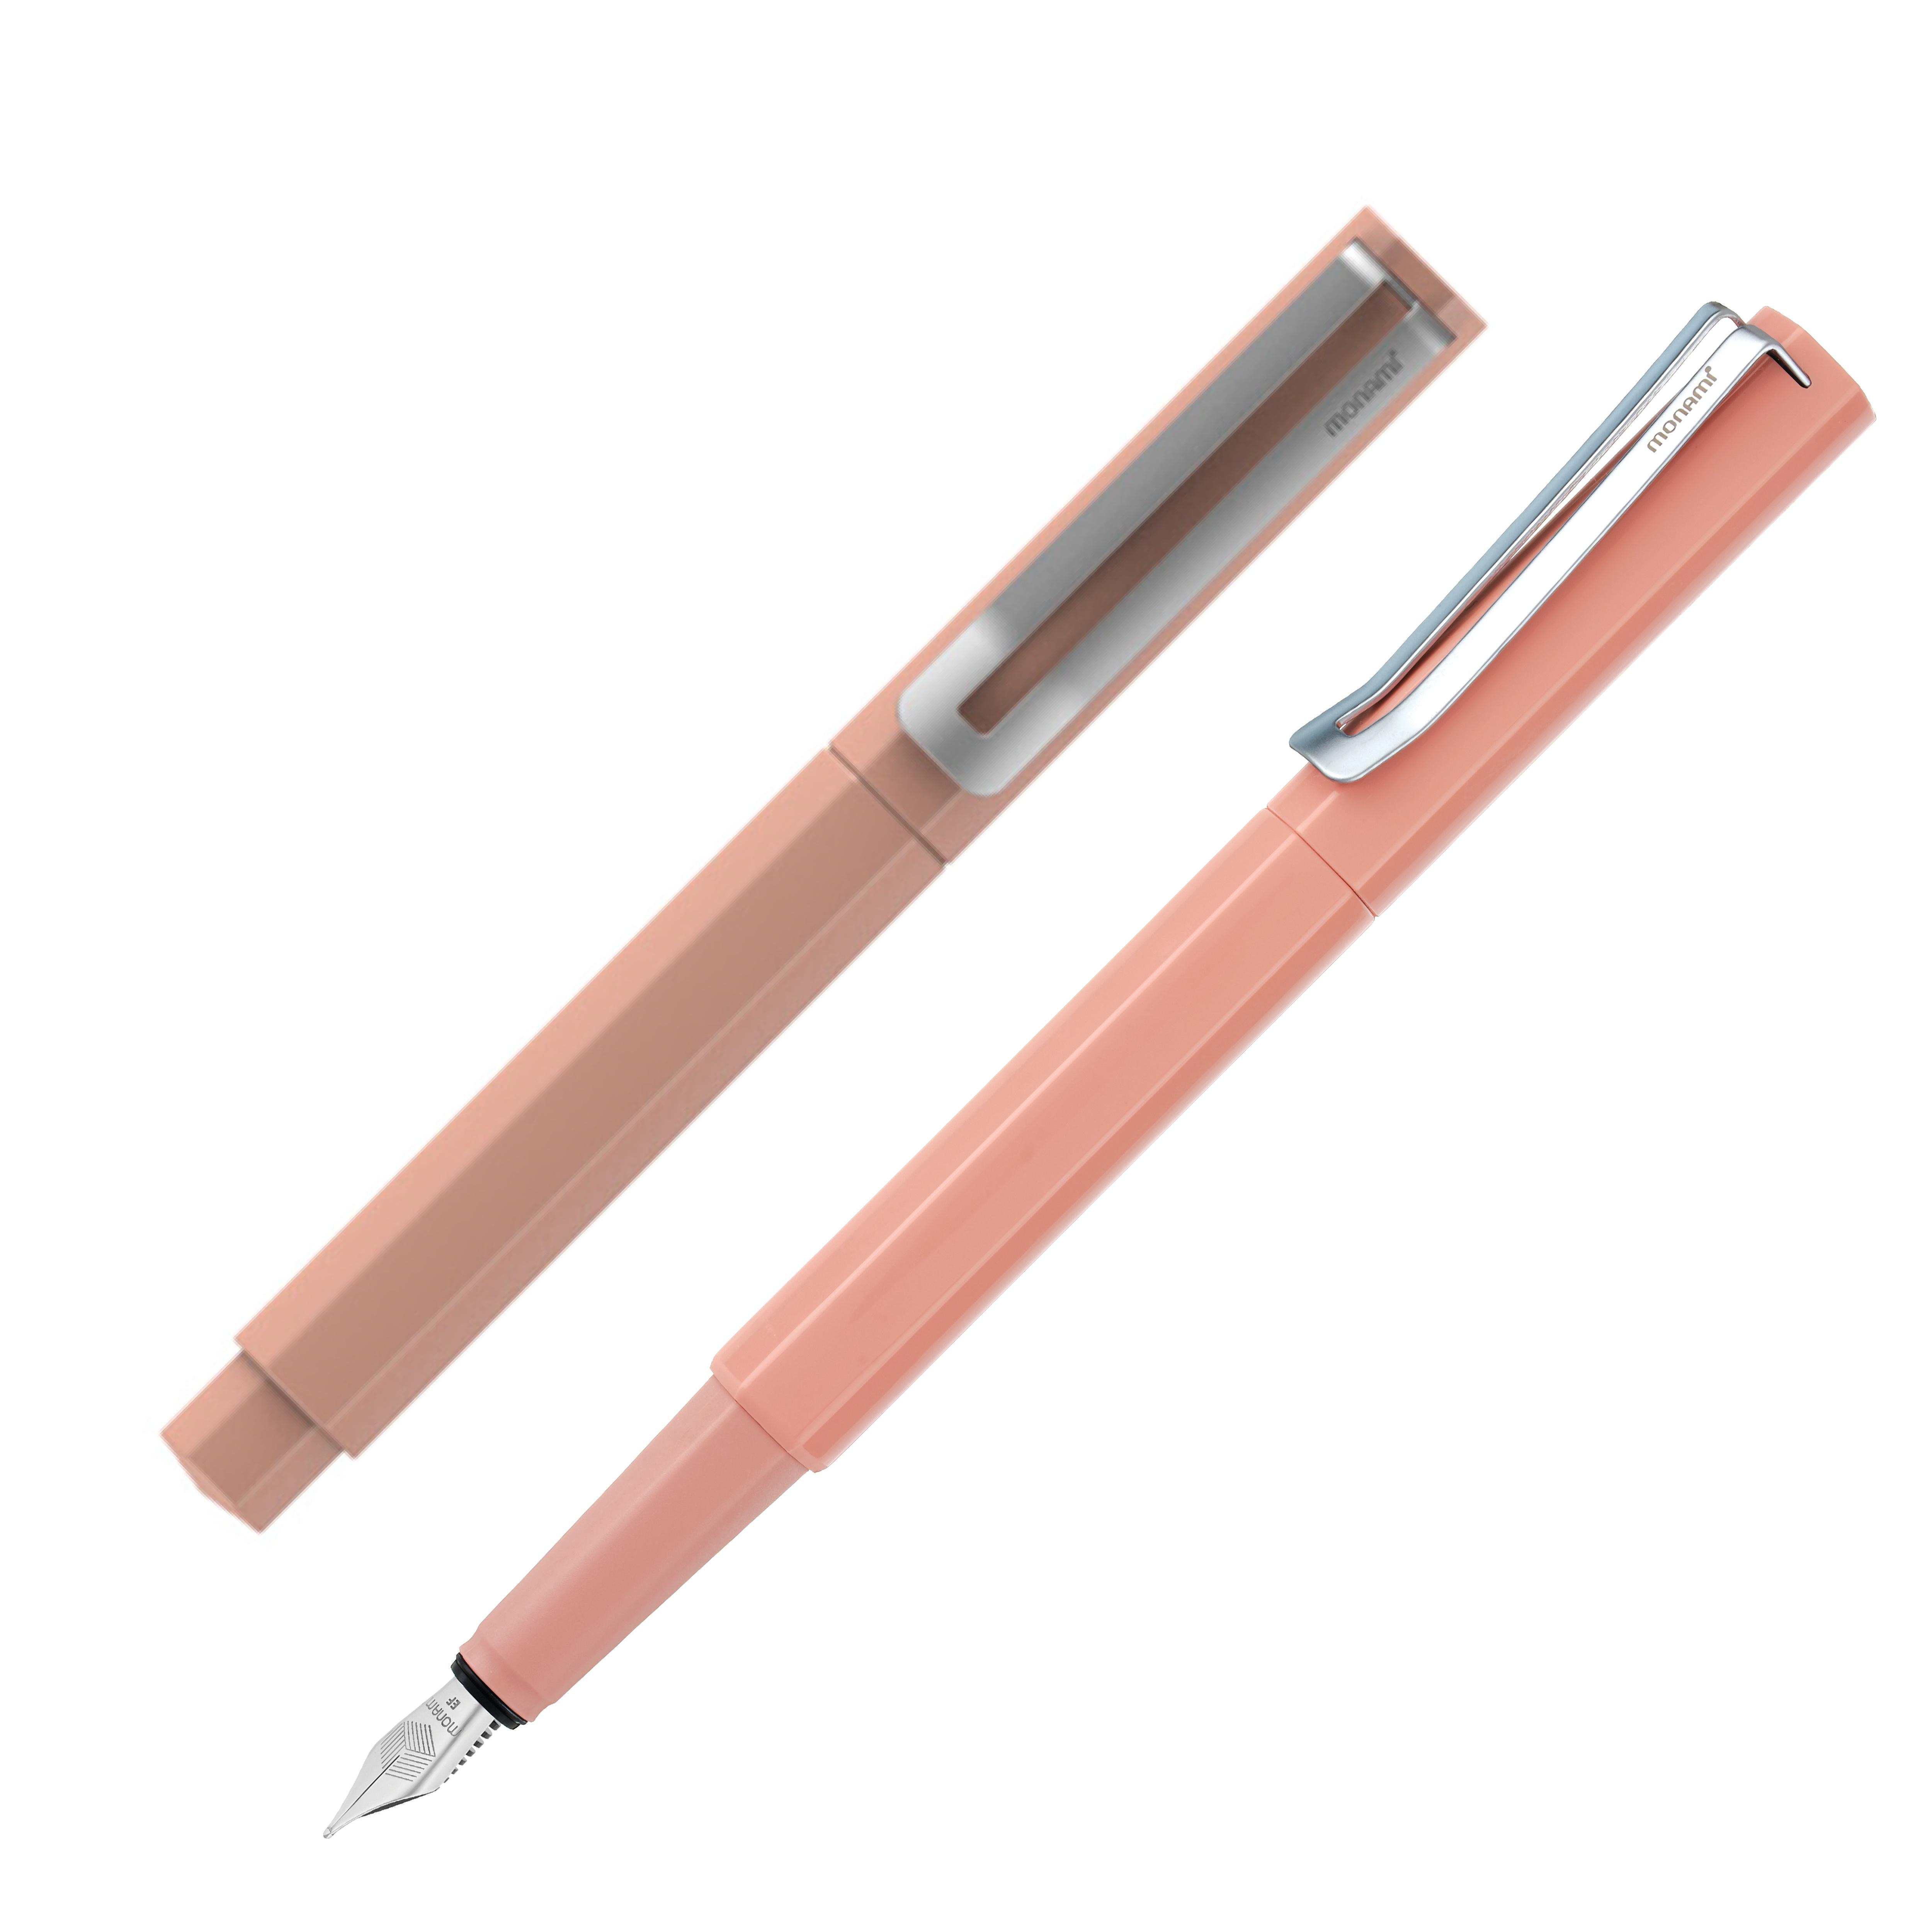 모나미 153 네오 만년필 EF 4색 카트리지 컨버터 잉크, 코랄핑크